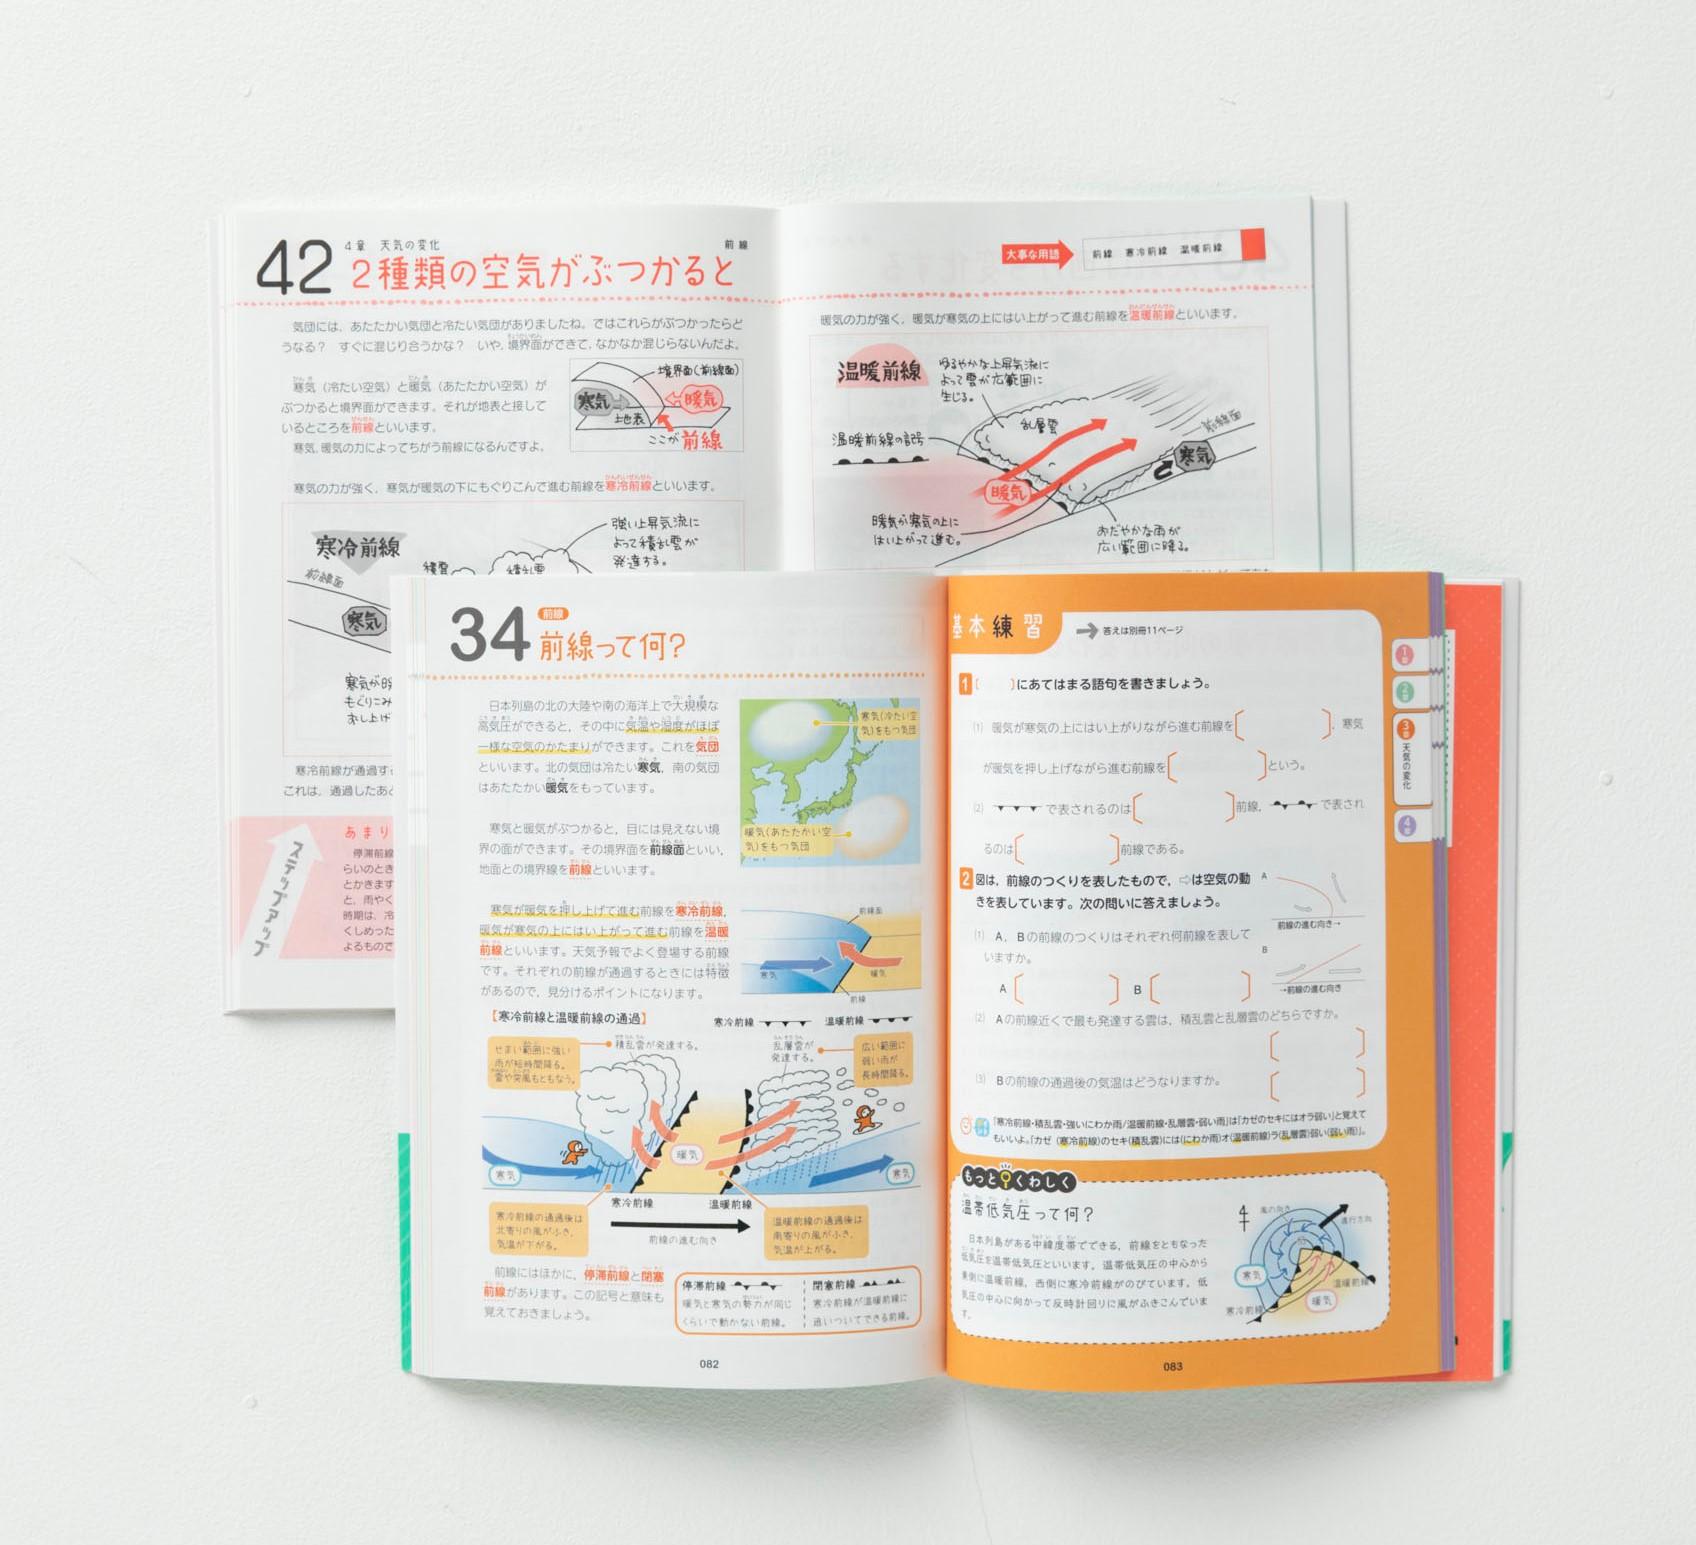 「区別しやすい色づかいと、矢印の形などのデザイン」紙面